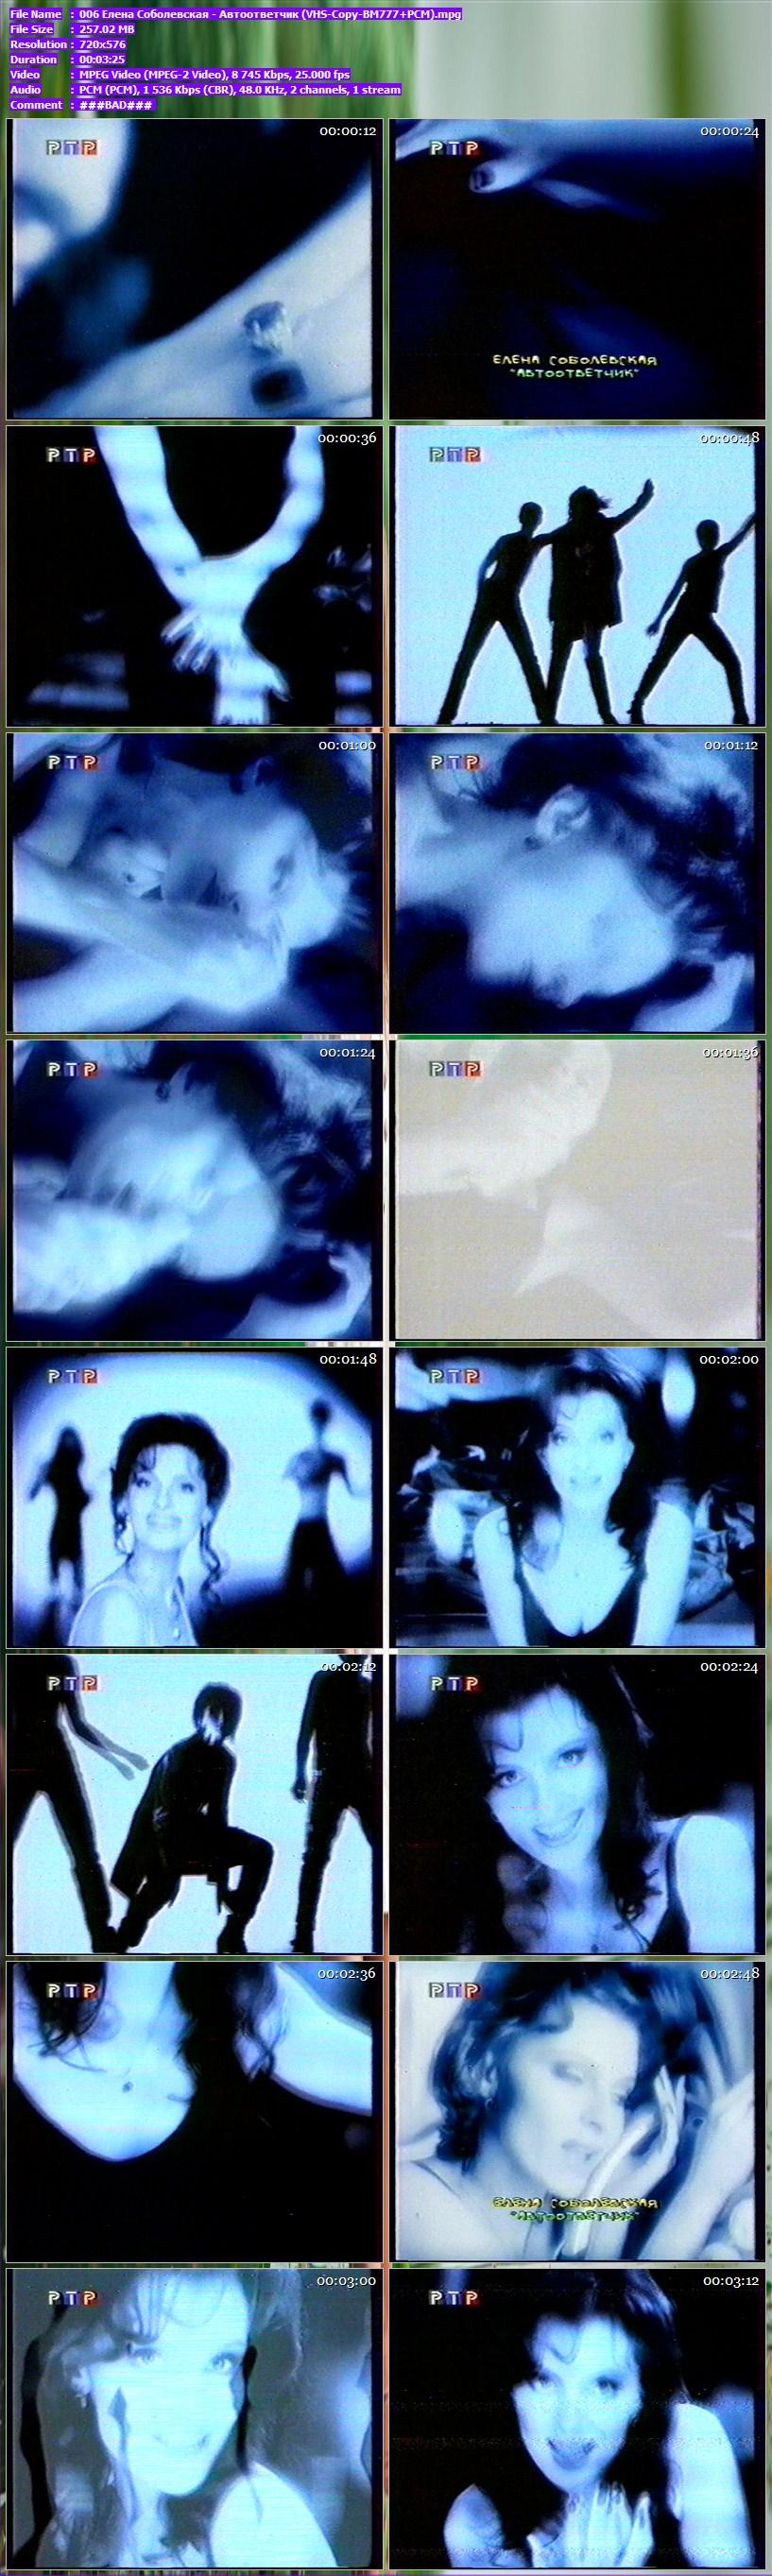 006 Елена Соболевская - Автоответчик (VHS-Copy-BM777+PCM).mpg.jpg